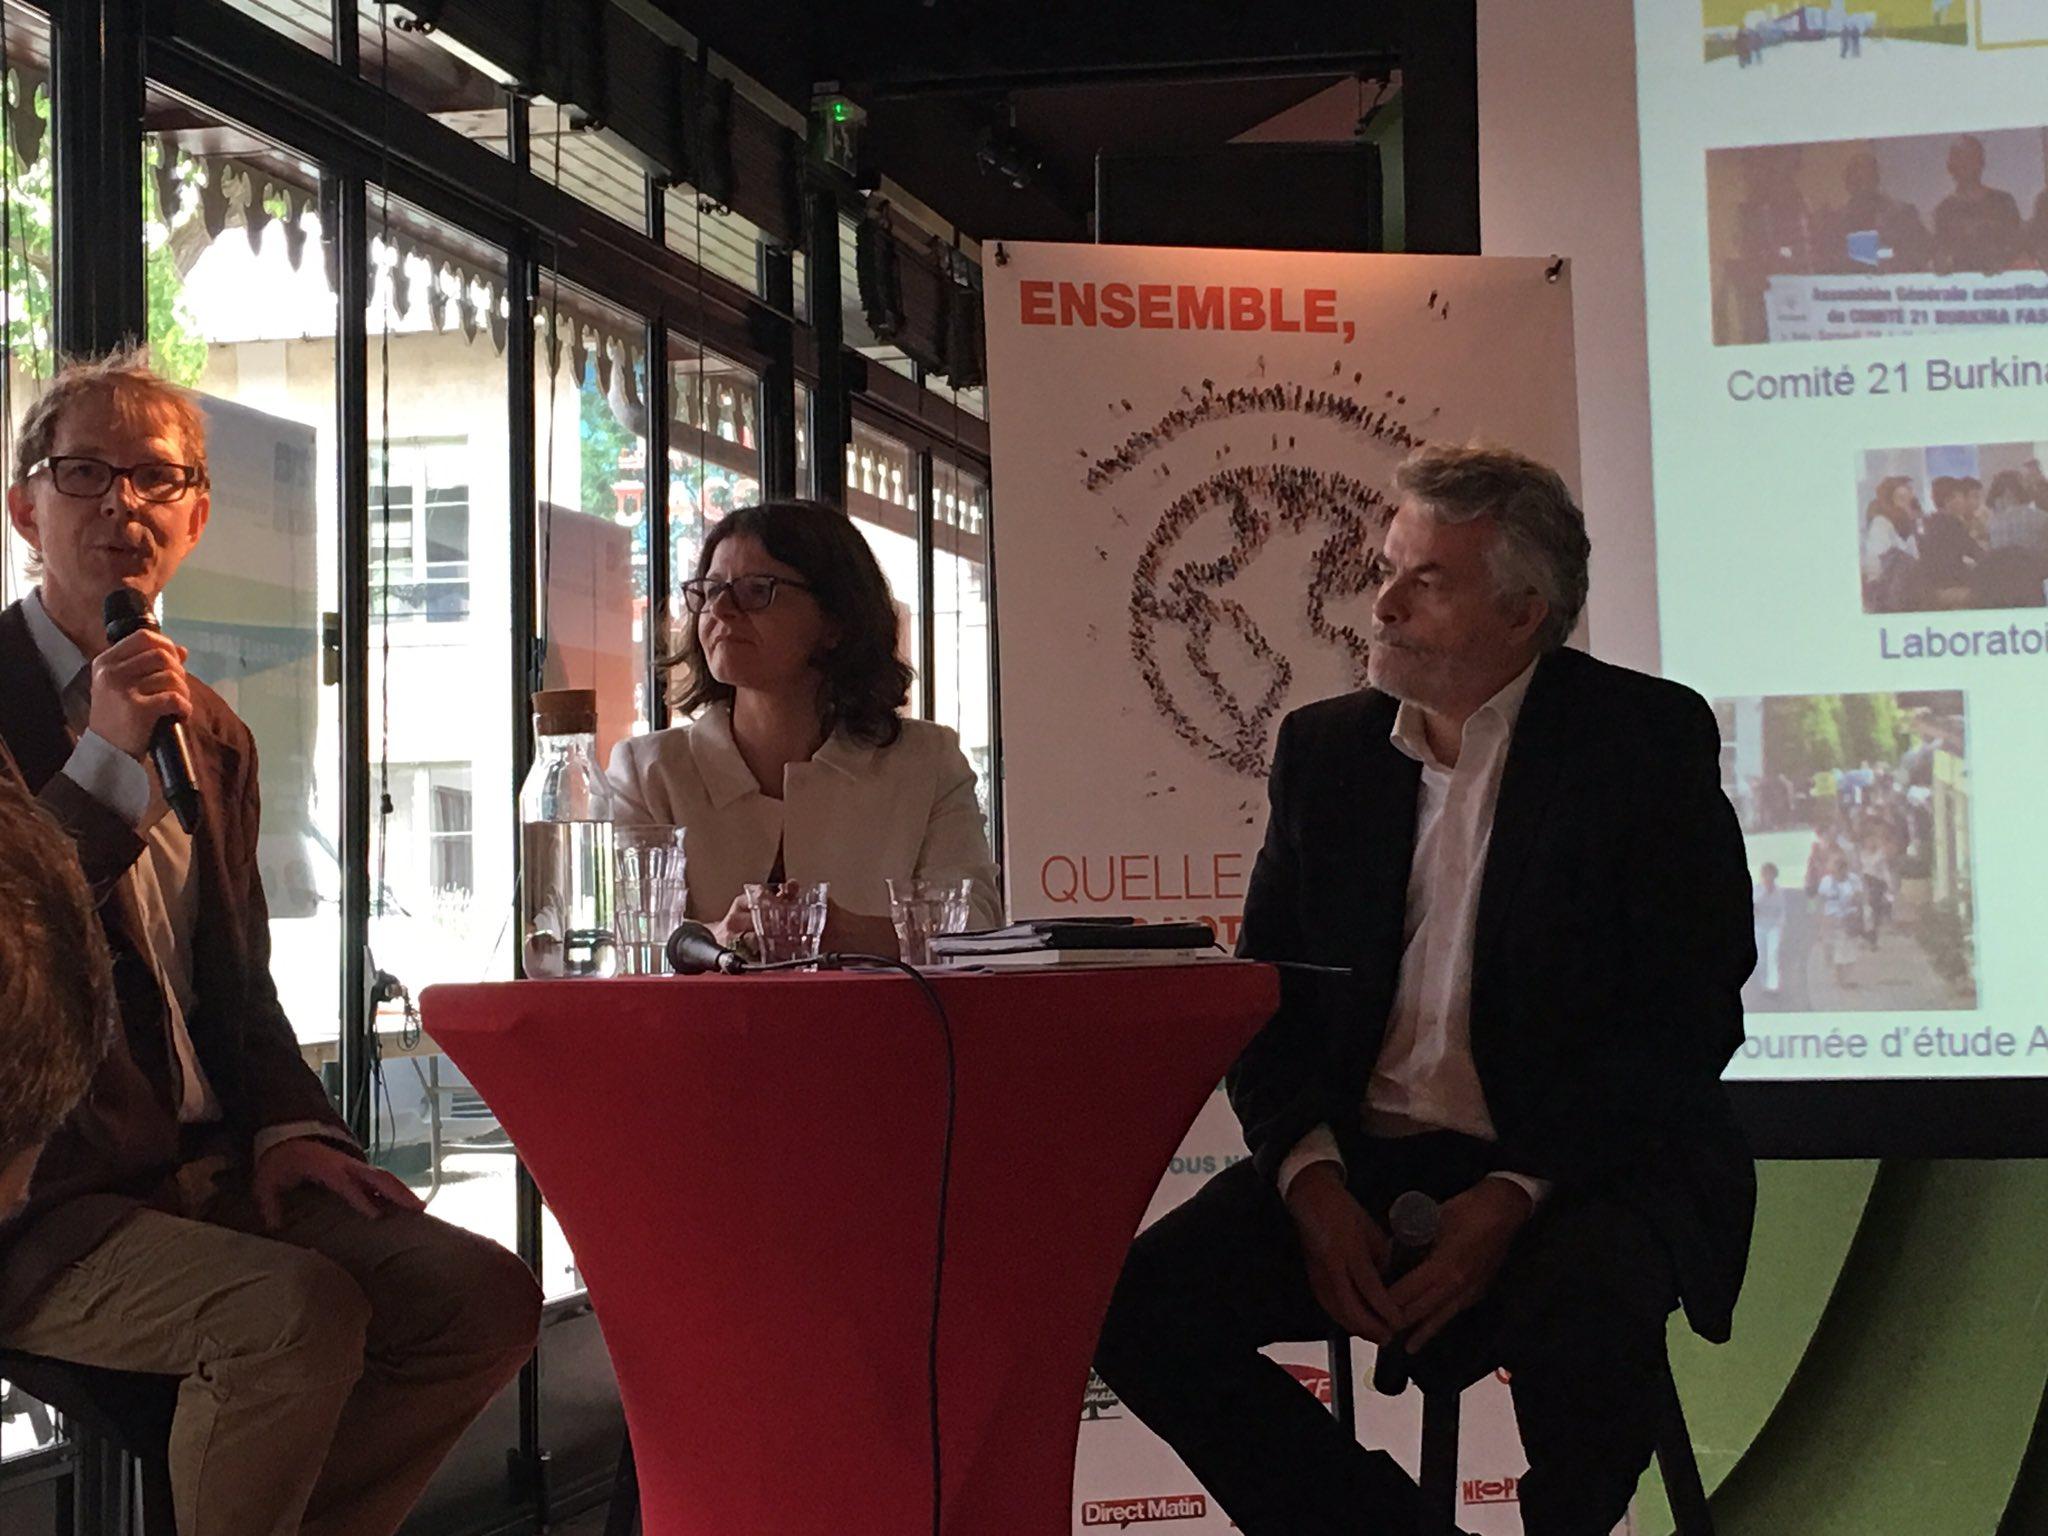 @Comite21 Témoignage d'adhérent : #F3E  la @COP21 a été une véritable réussite Importance de la RSE pour association https://t.co/lnuThimonR